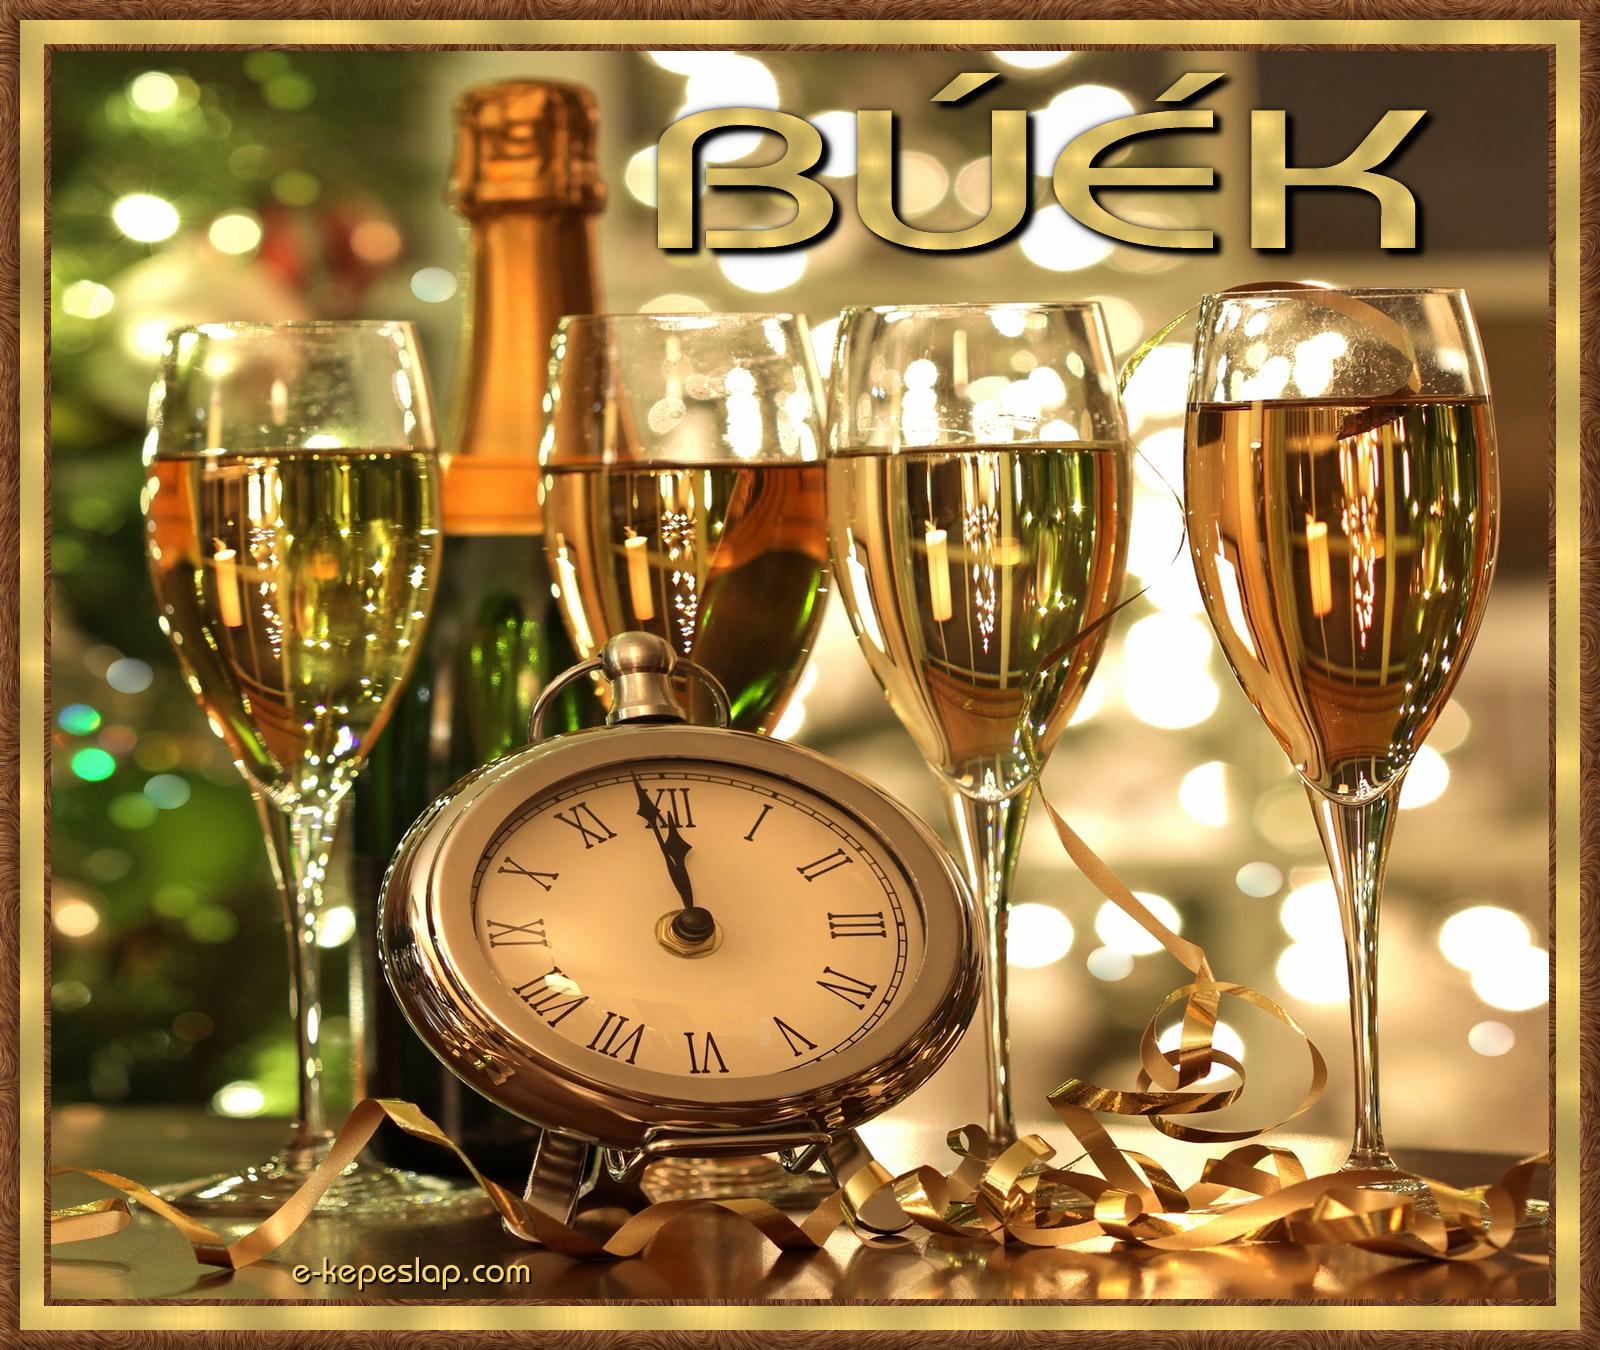 BÚÉK újévi képeslap - Képeslapküldés - e-kepeslap.com